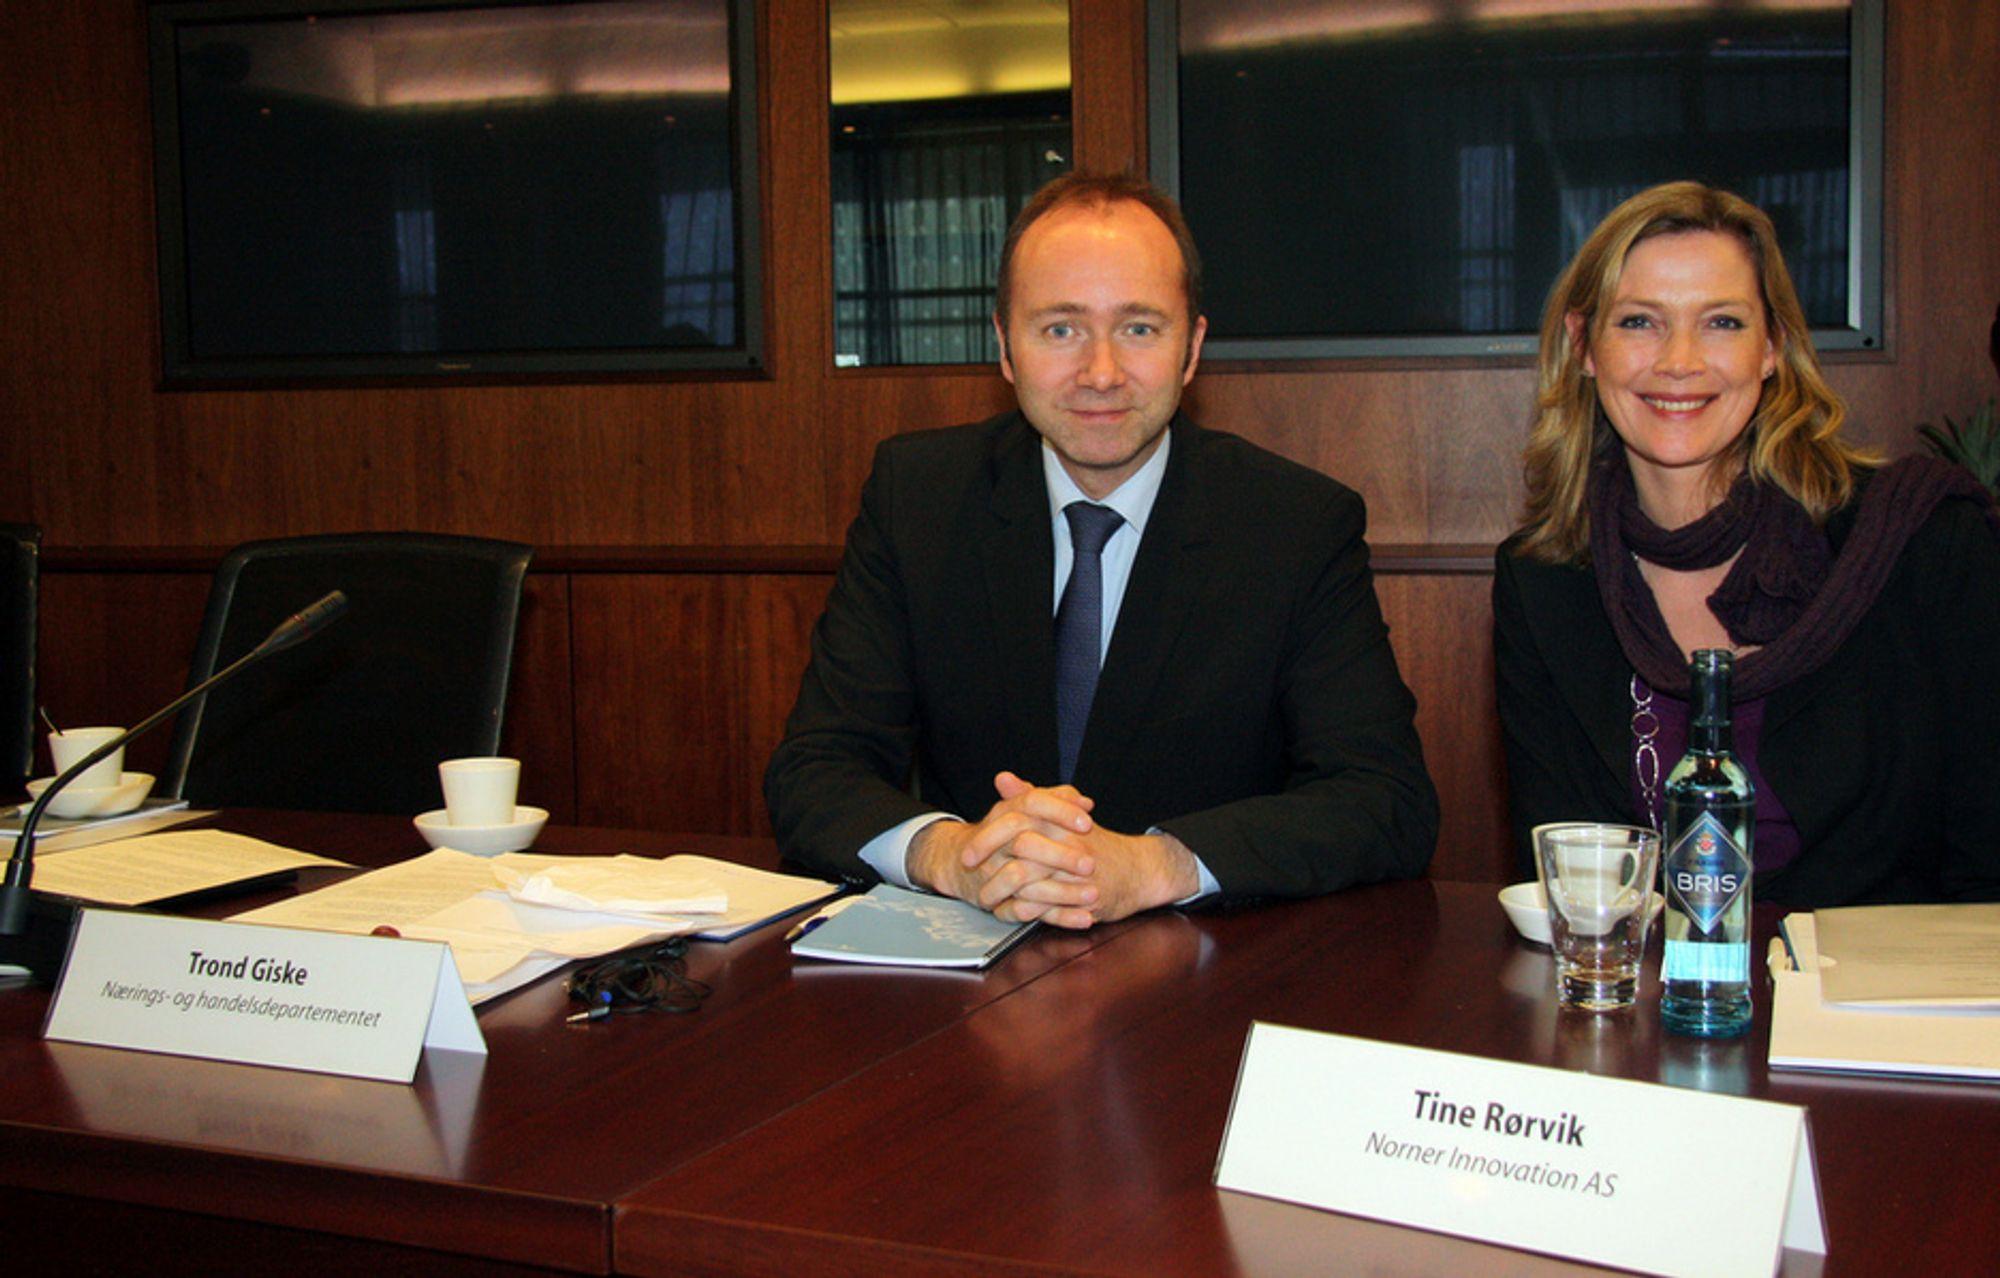 Tine Rørvik fikk æren av å sitte ved siden av næringsminister Trond Giske under det første 2020-møtet.